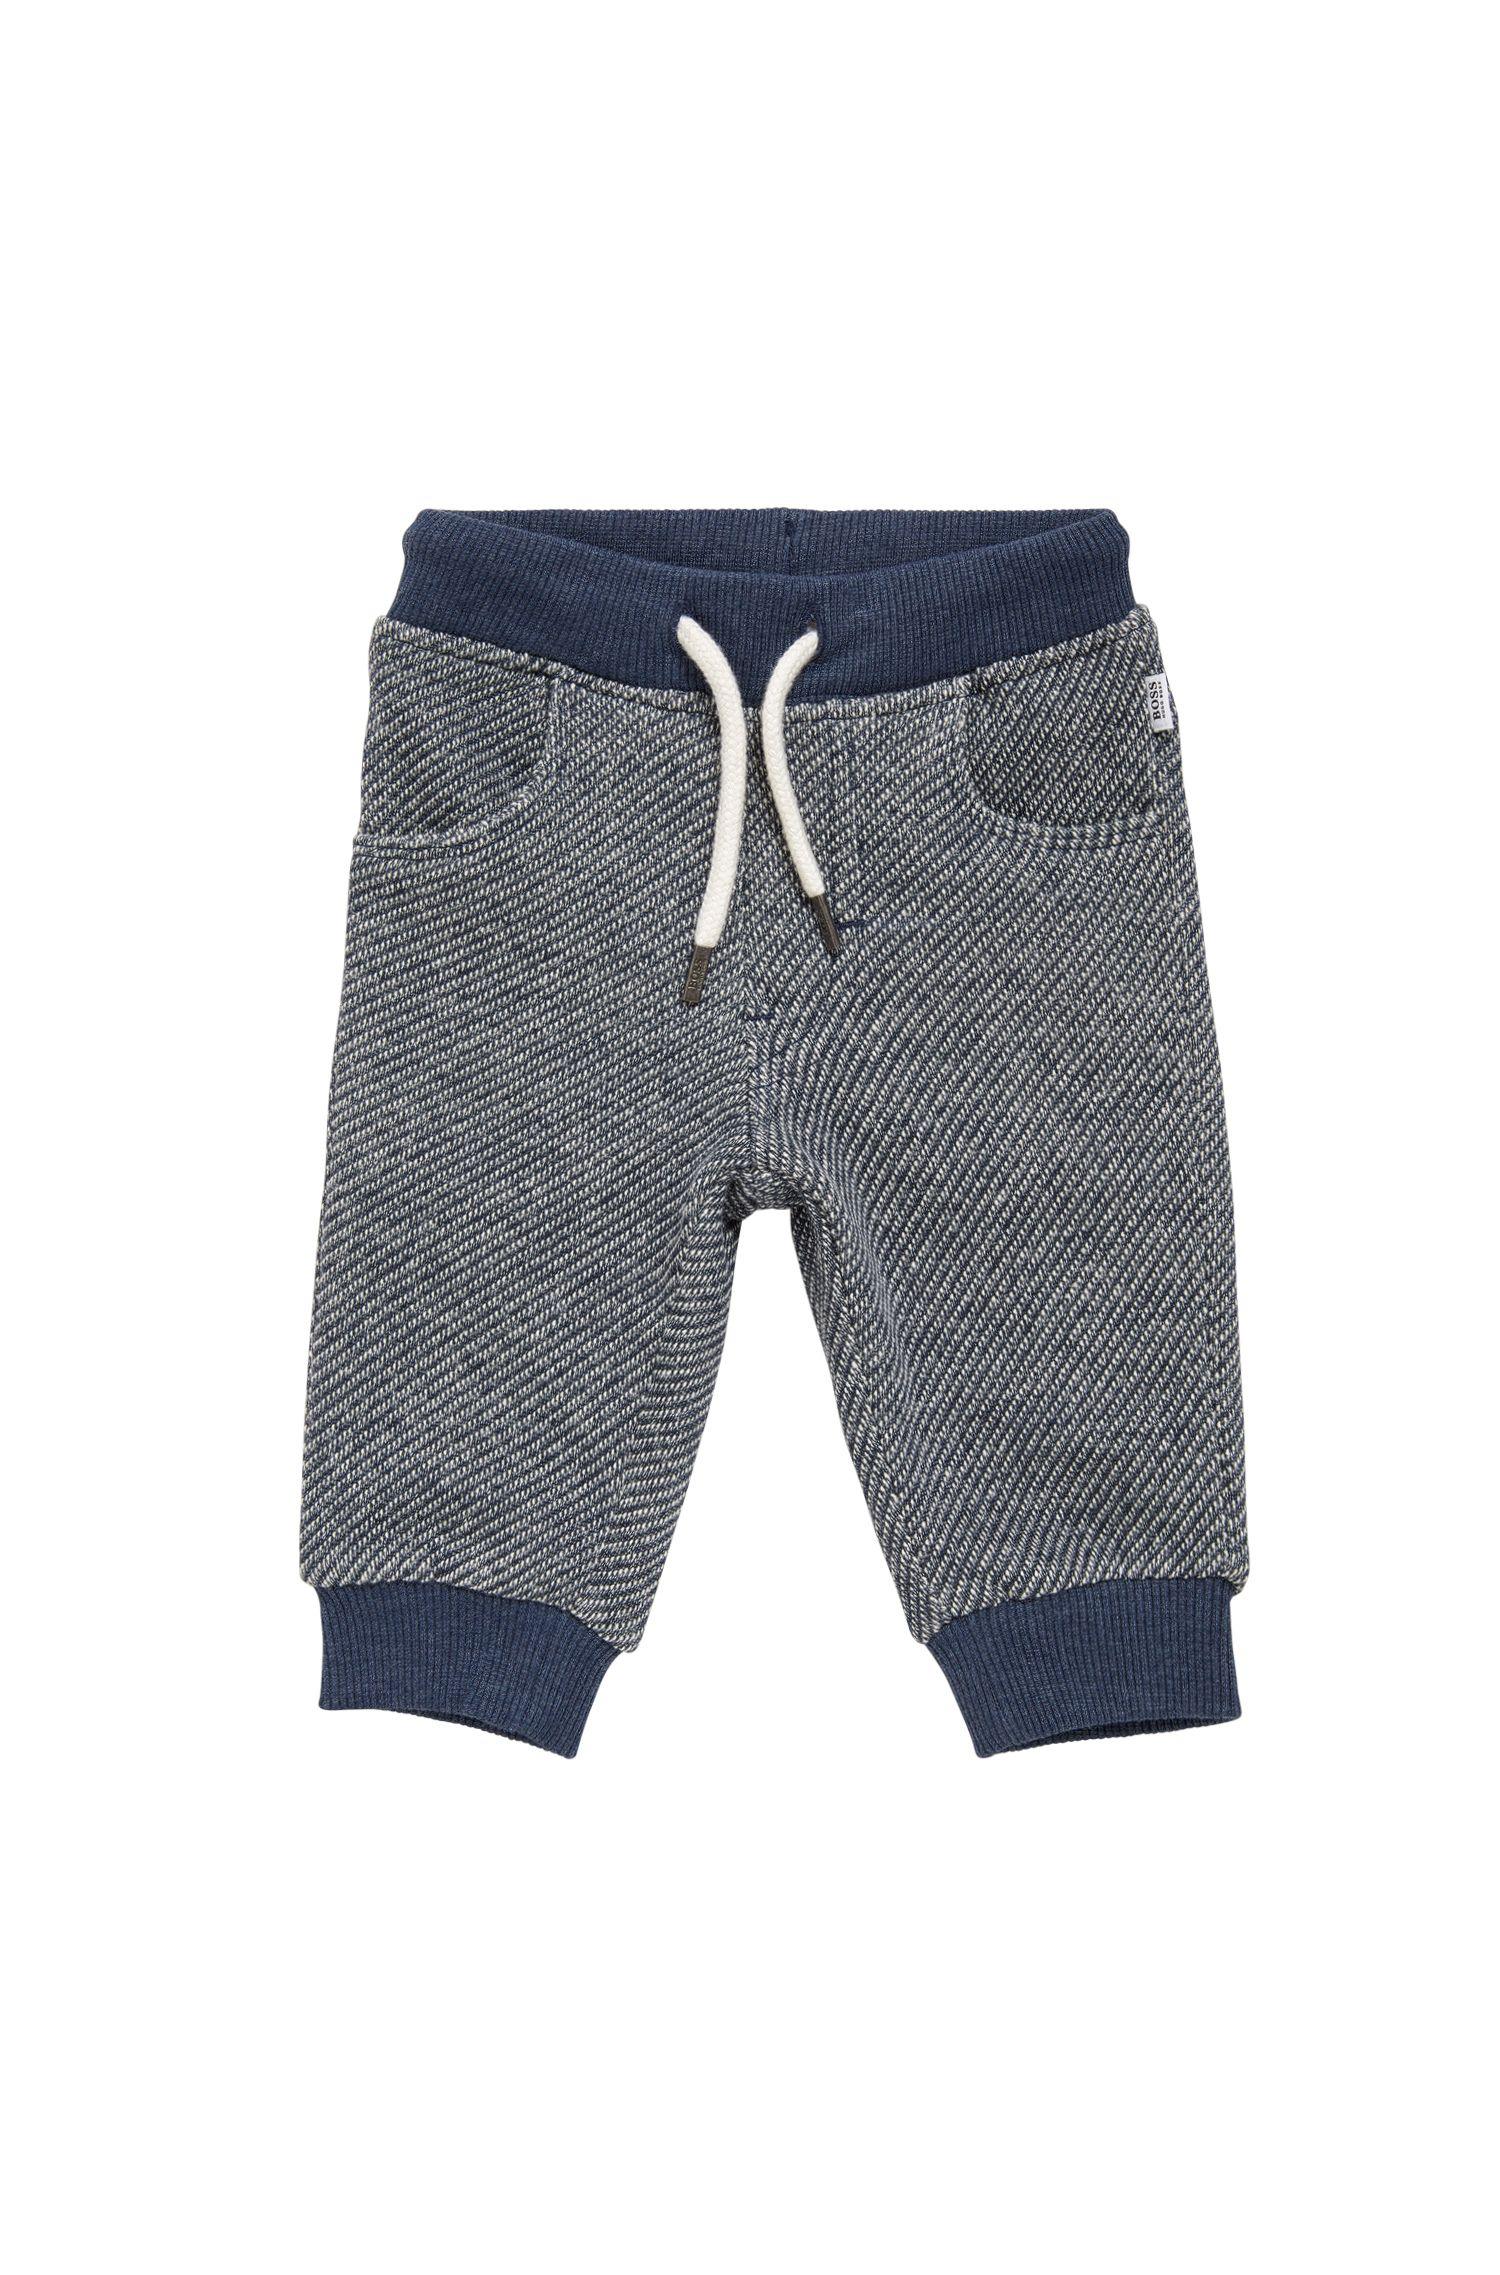 'J04245' | Toddler Cotton Drawstring Sweatpants